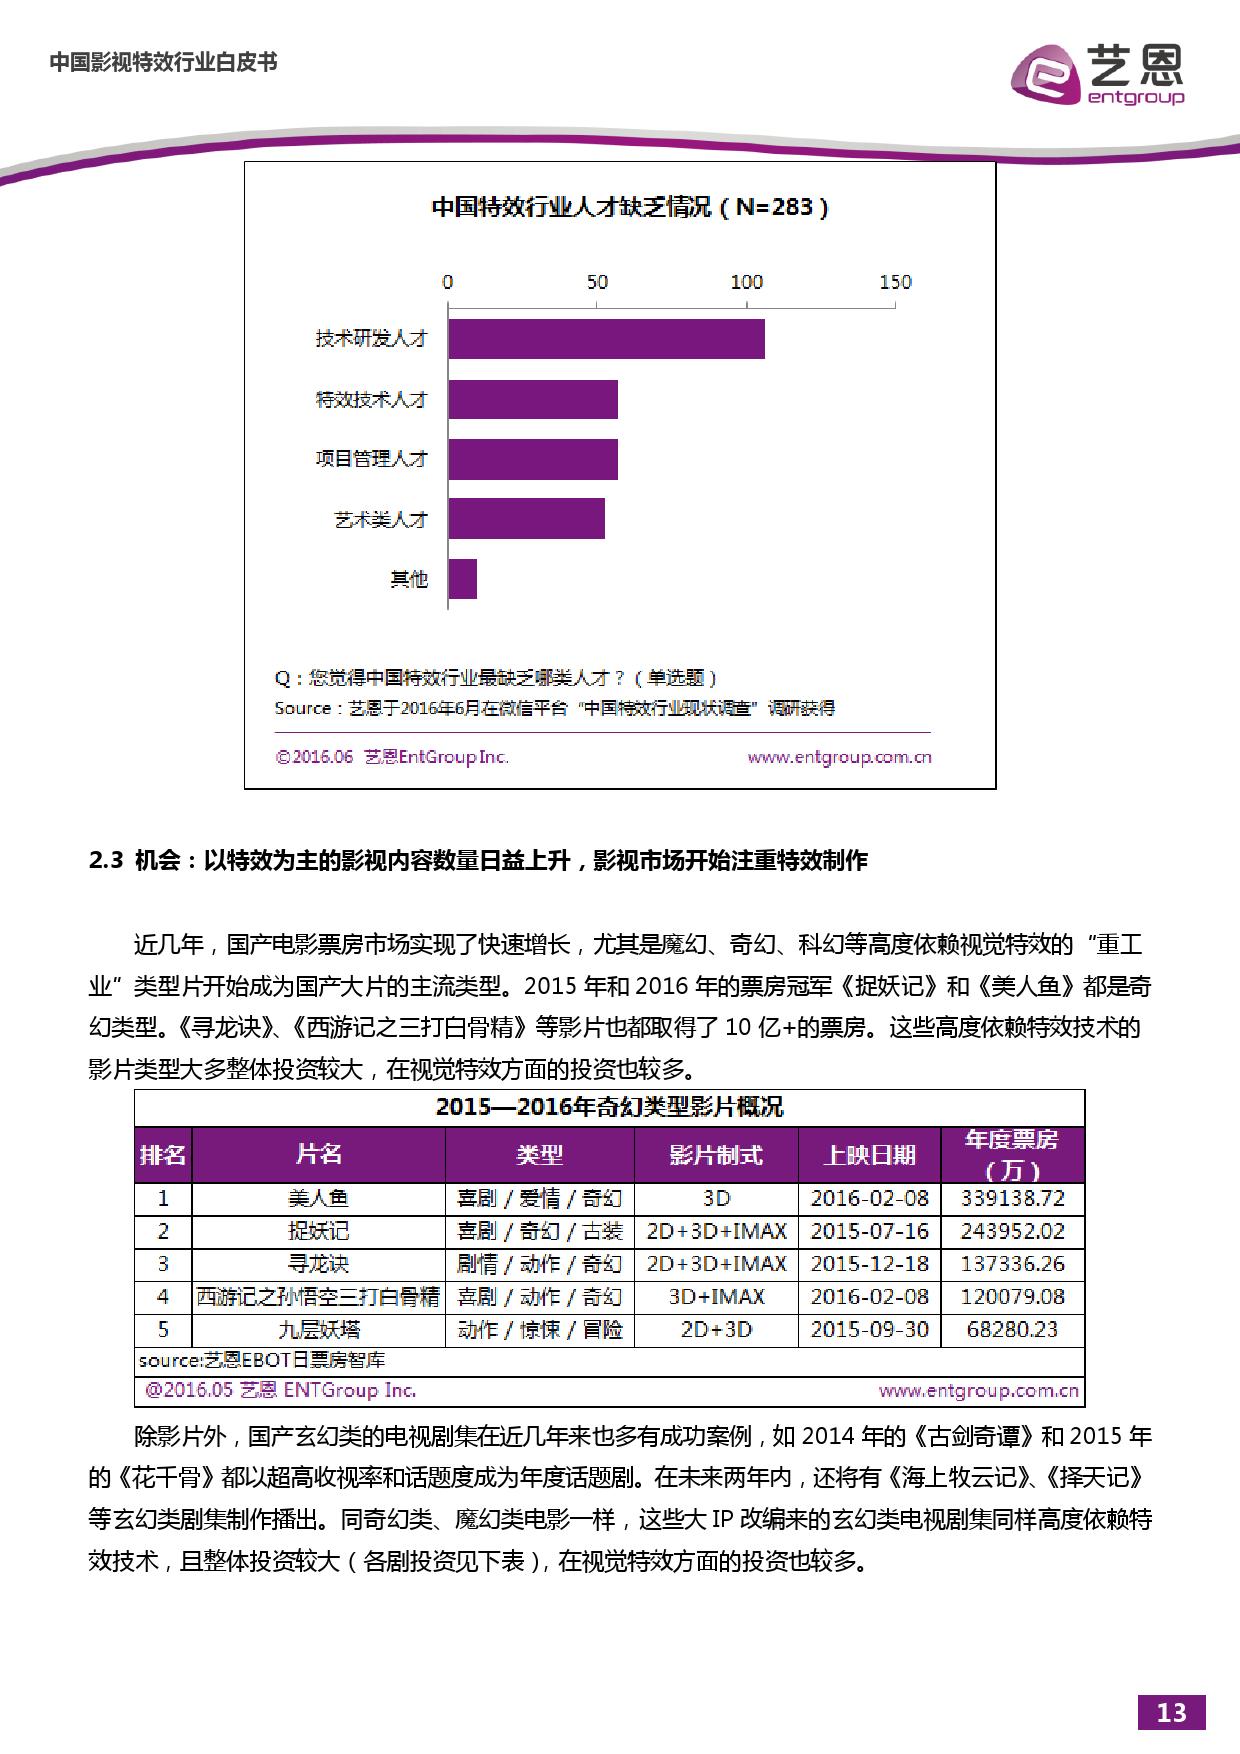 %e4%b8%ad%e5%9b%bd%e5%bd%b1%e8%a7%86%e7%89%b9%e6%95%88%e5%b8%82%e5%9c%ba%e7%a0%94%e7%a9%b6%e6%8a%a5%e5%91%8a_000014